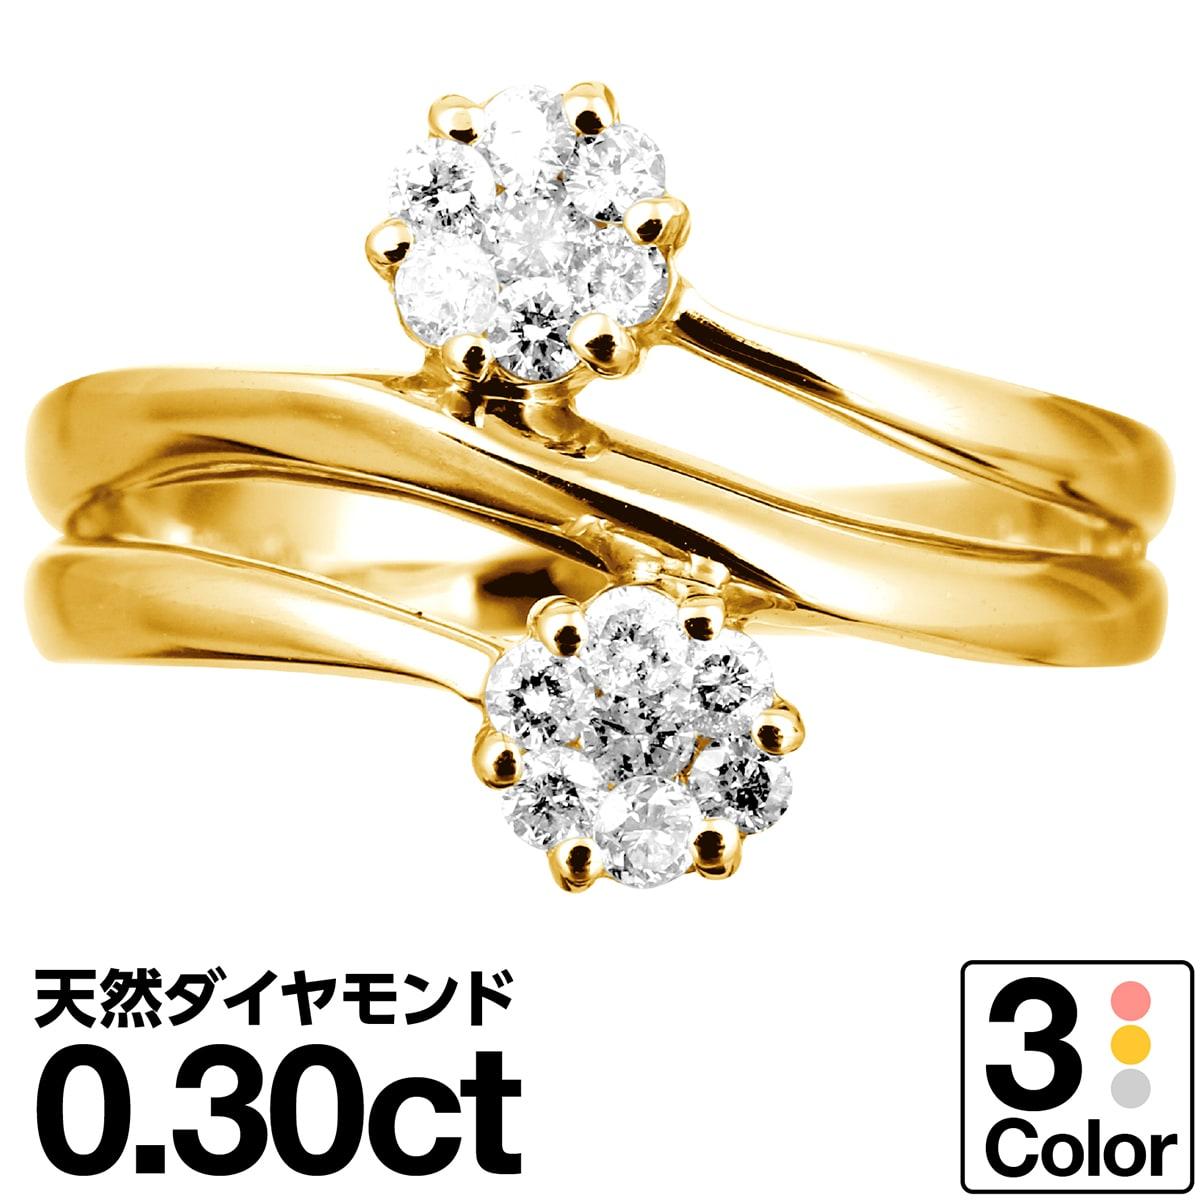 ダイヤモンド リング k18 イエローゴールド ホワイトゴールド ピンクゴールド ファッションリング 品質保証書 金属アレルギー 日本製 誕生日 ギフト 税込 引っ越し祝い 特典